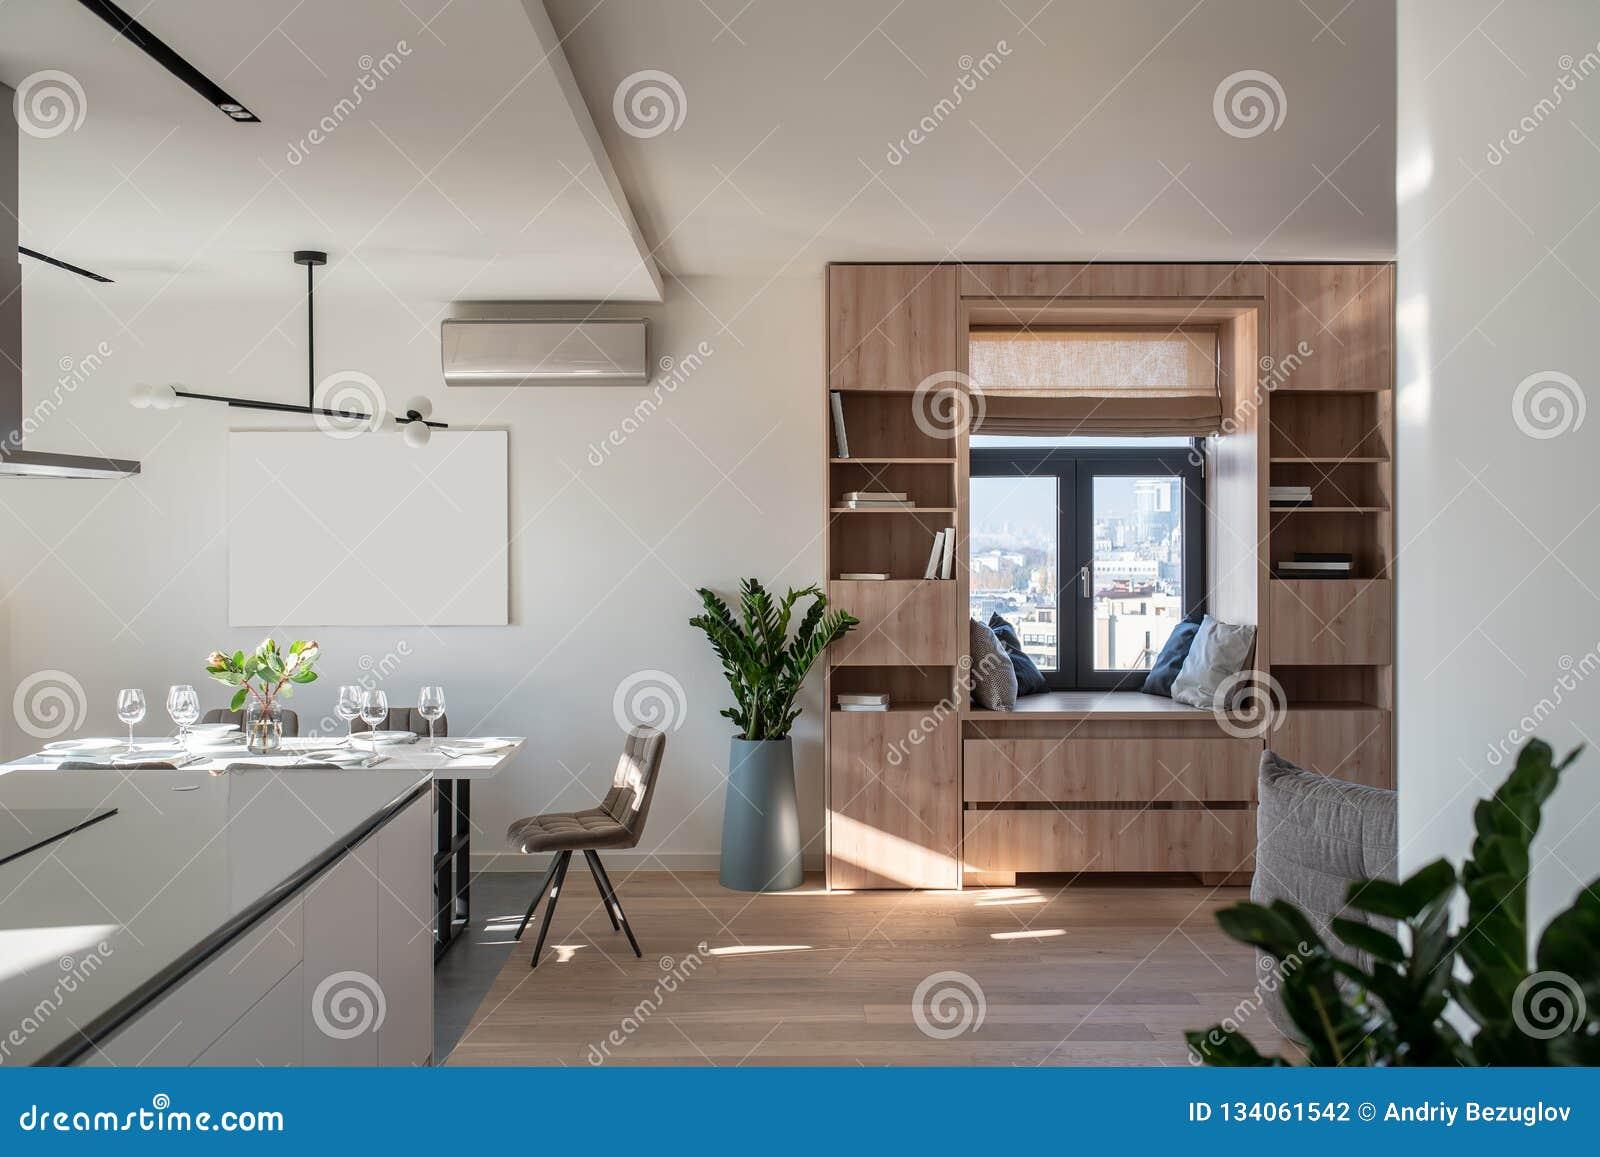 Солнечный современный интерьер с белыми стенами и зоной кухни